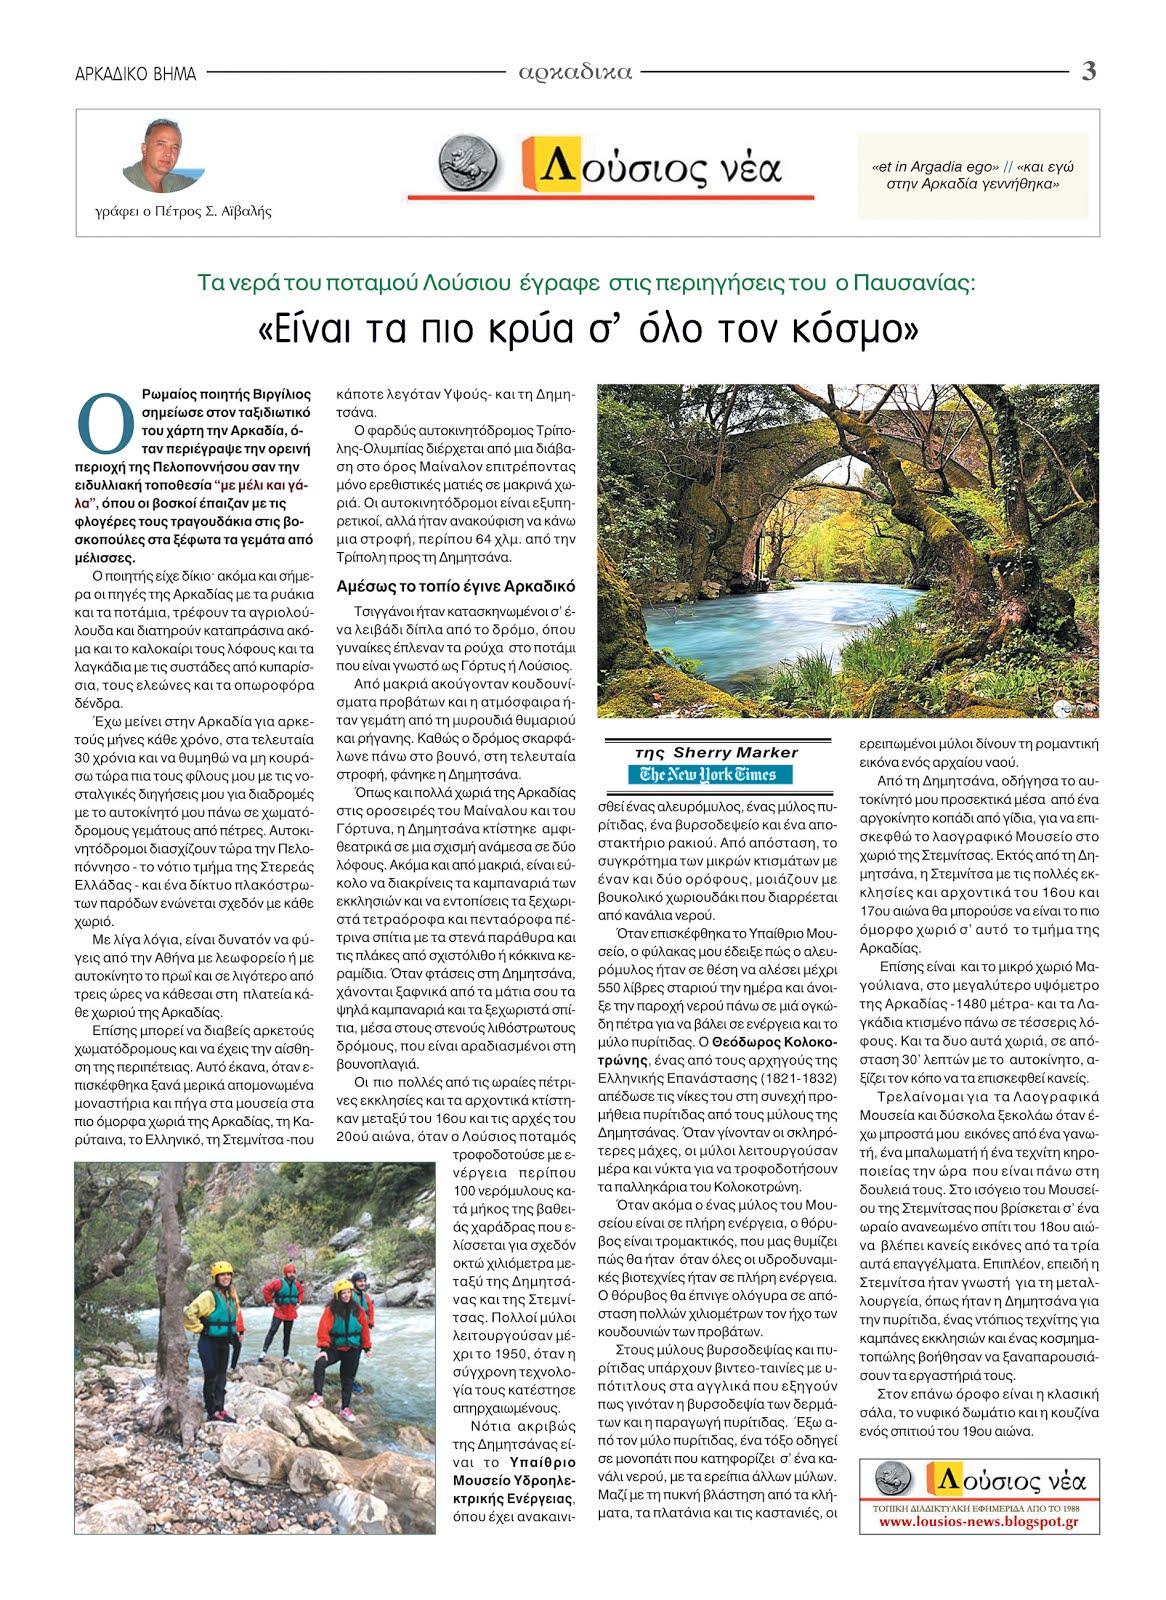 """""""ΛΟΥΣΙΟΣ ΝΕΑ"""" Τα νερά του ποταμού Λούσιου, είναι τα πιο κρύα  σ' όλο τον κόσμο"""""""